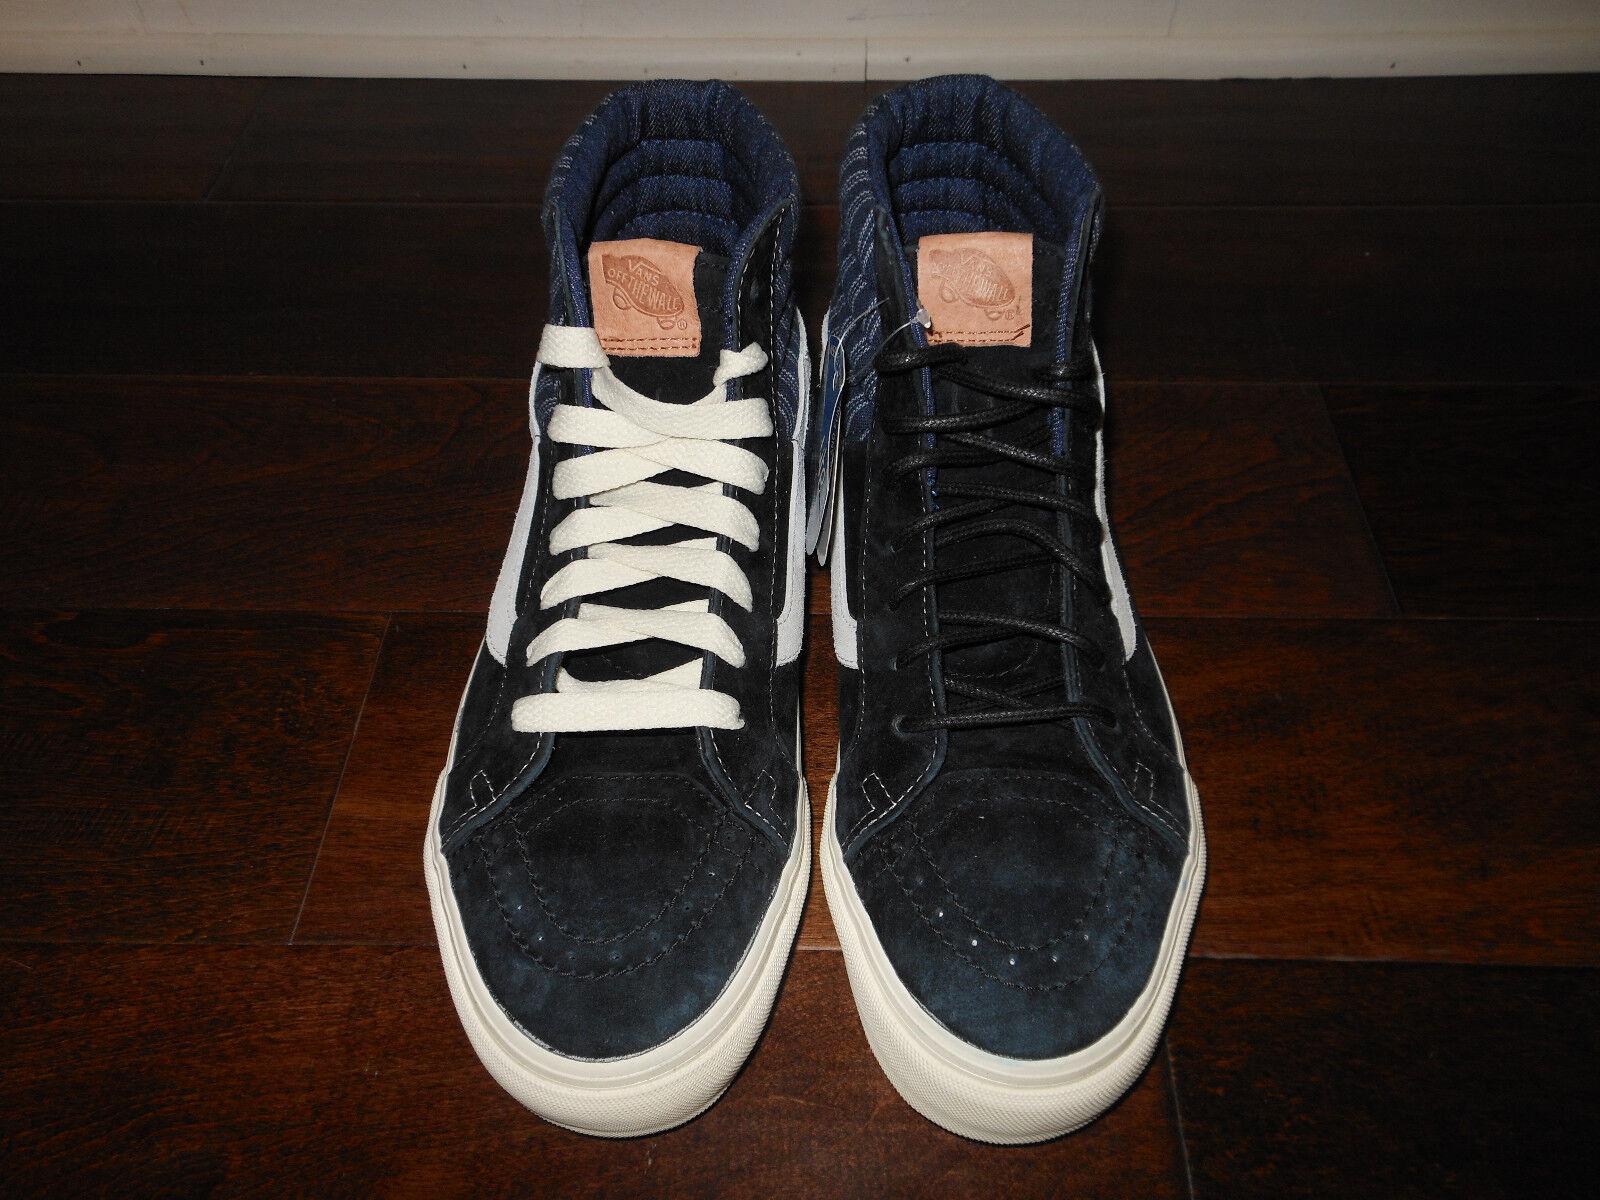 Vans SK8-HI 46 CA Hickory mezcla VN -0 zapatos zdiet 4 zapatos -0 de hombre 42.5 Eur Negro f059fd